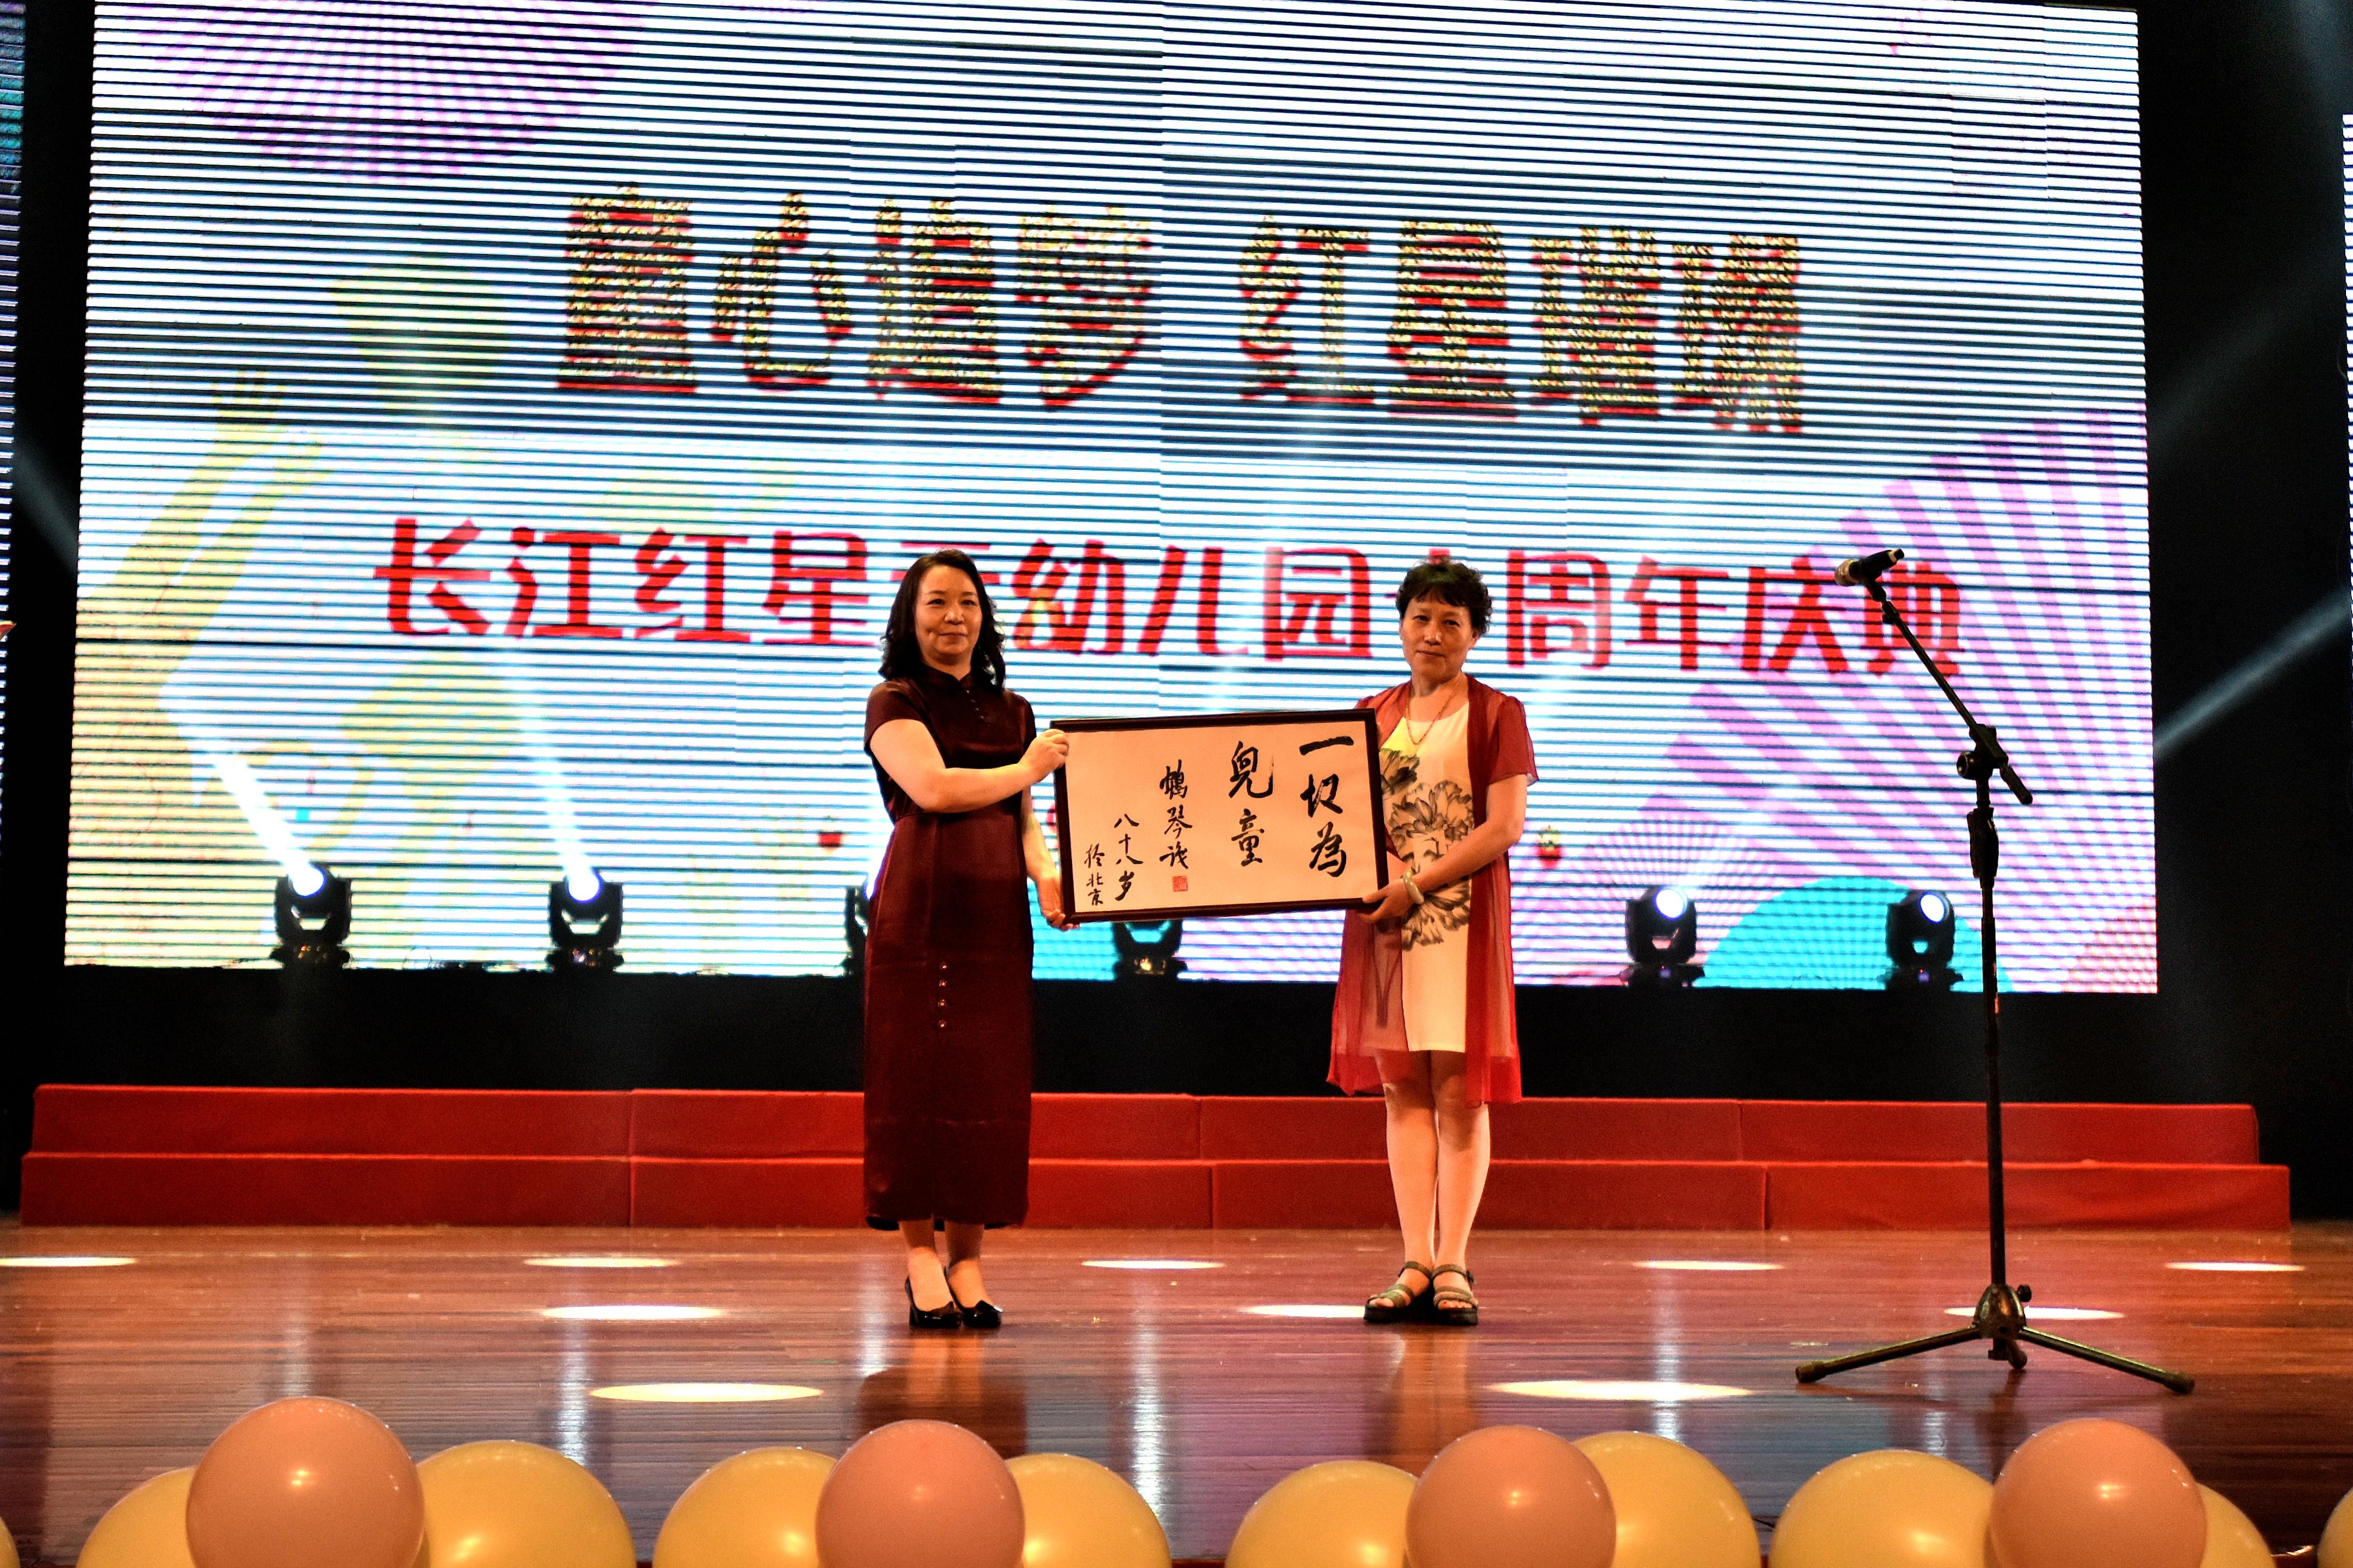 今天下午,长江红星元幼儿园在更俗剧院举办十周年庆典暨大班毕业典礼。